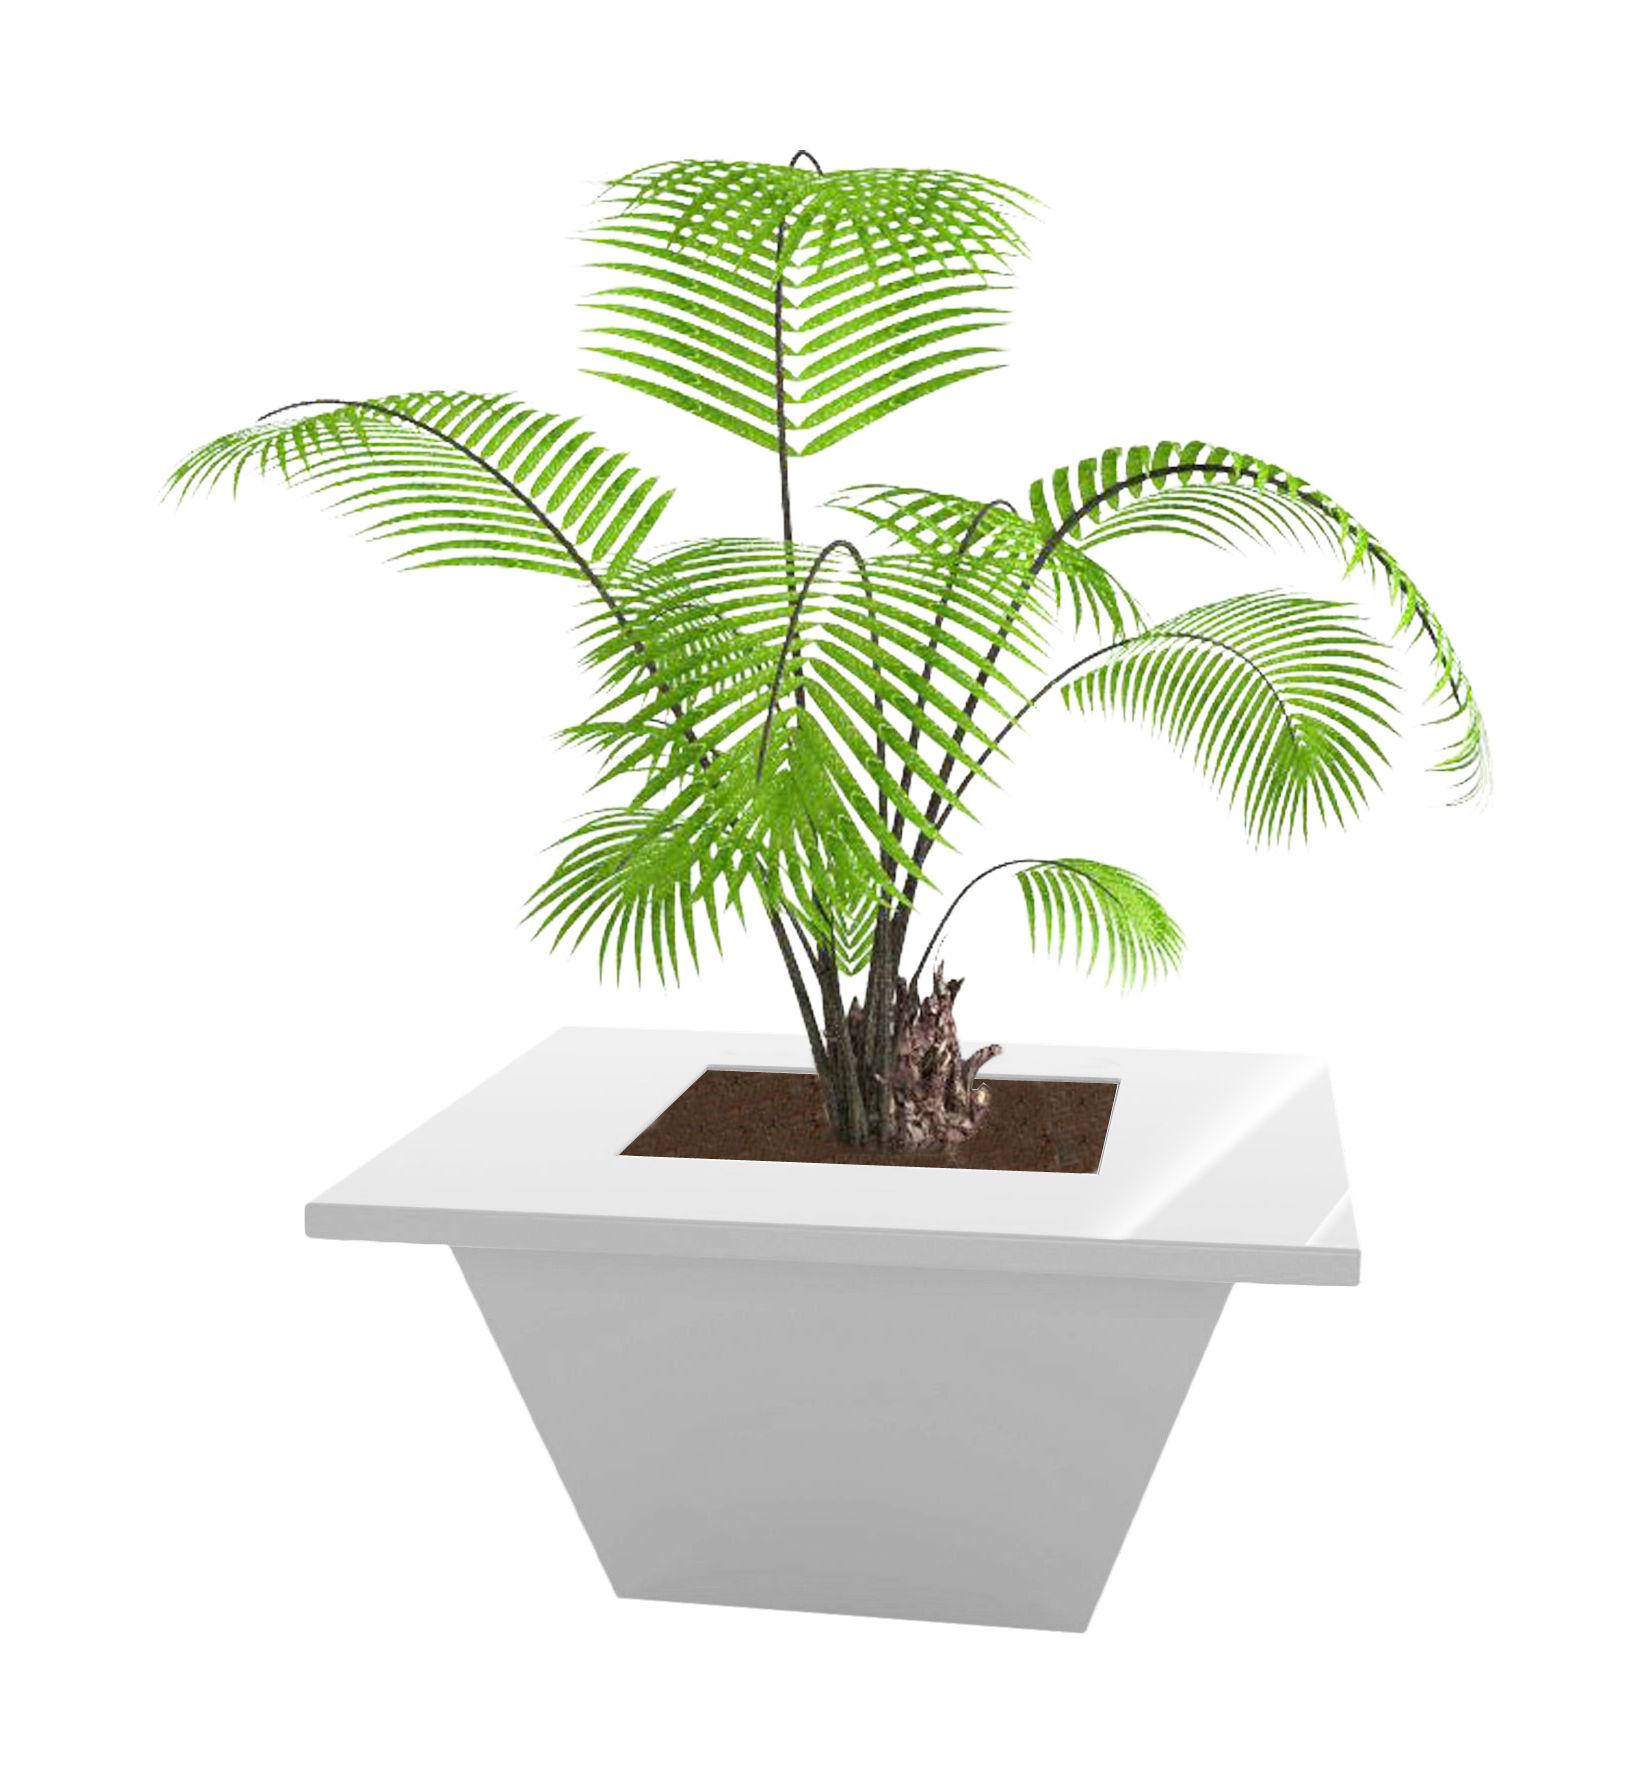 Outdoor - Pots et plantes - Pot de fleurs Bench 80 x 80 cm - Version laquée - Slide - Blanc laqué - Polyéthylène laqué